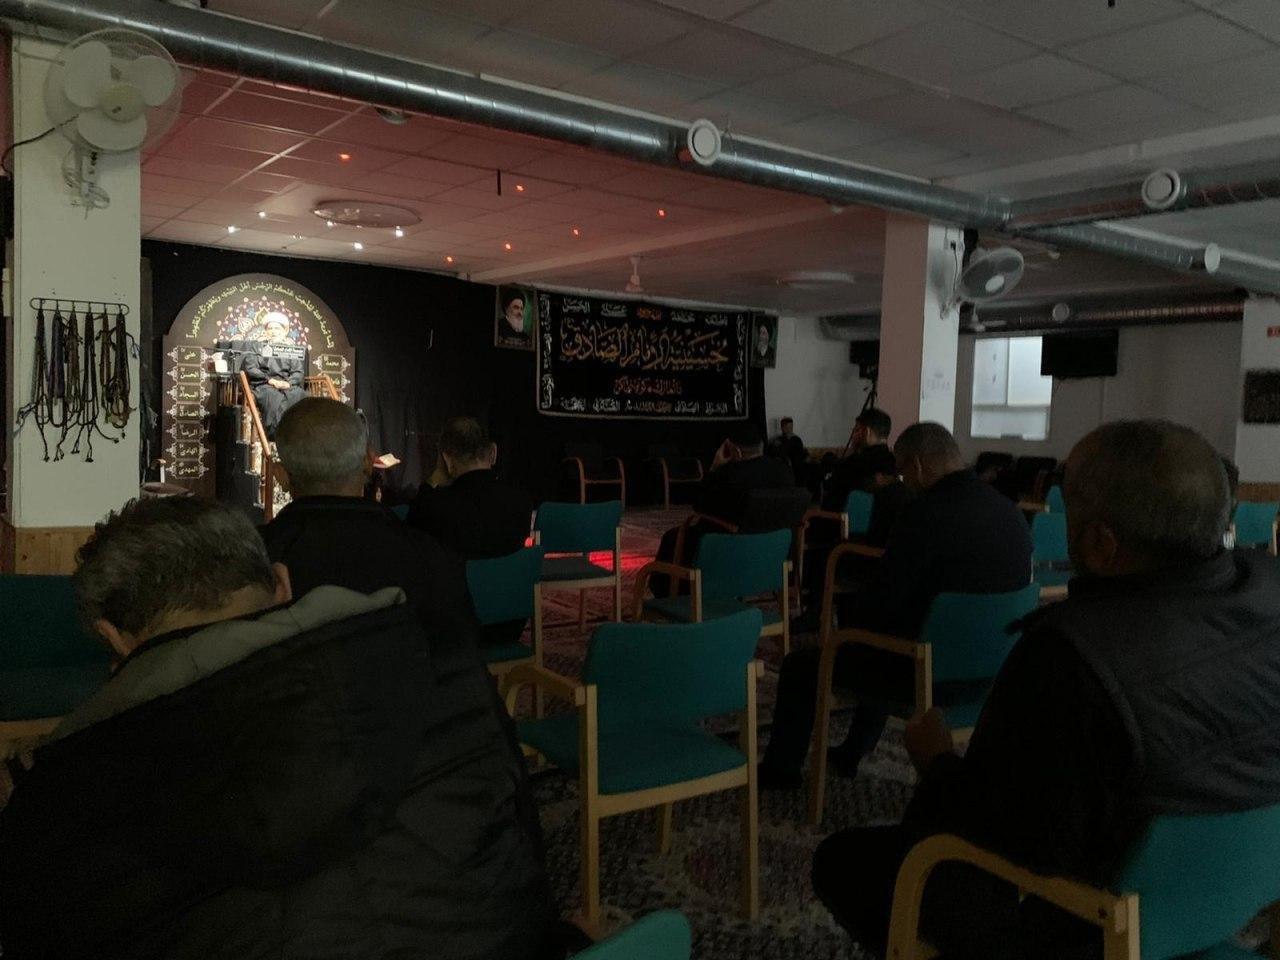 صورة من العراق الى الدنمارك .. مراكز المرجعية الشيرازية تحيي ذكرى شهادة الإمام الباقر عليه السلام